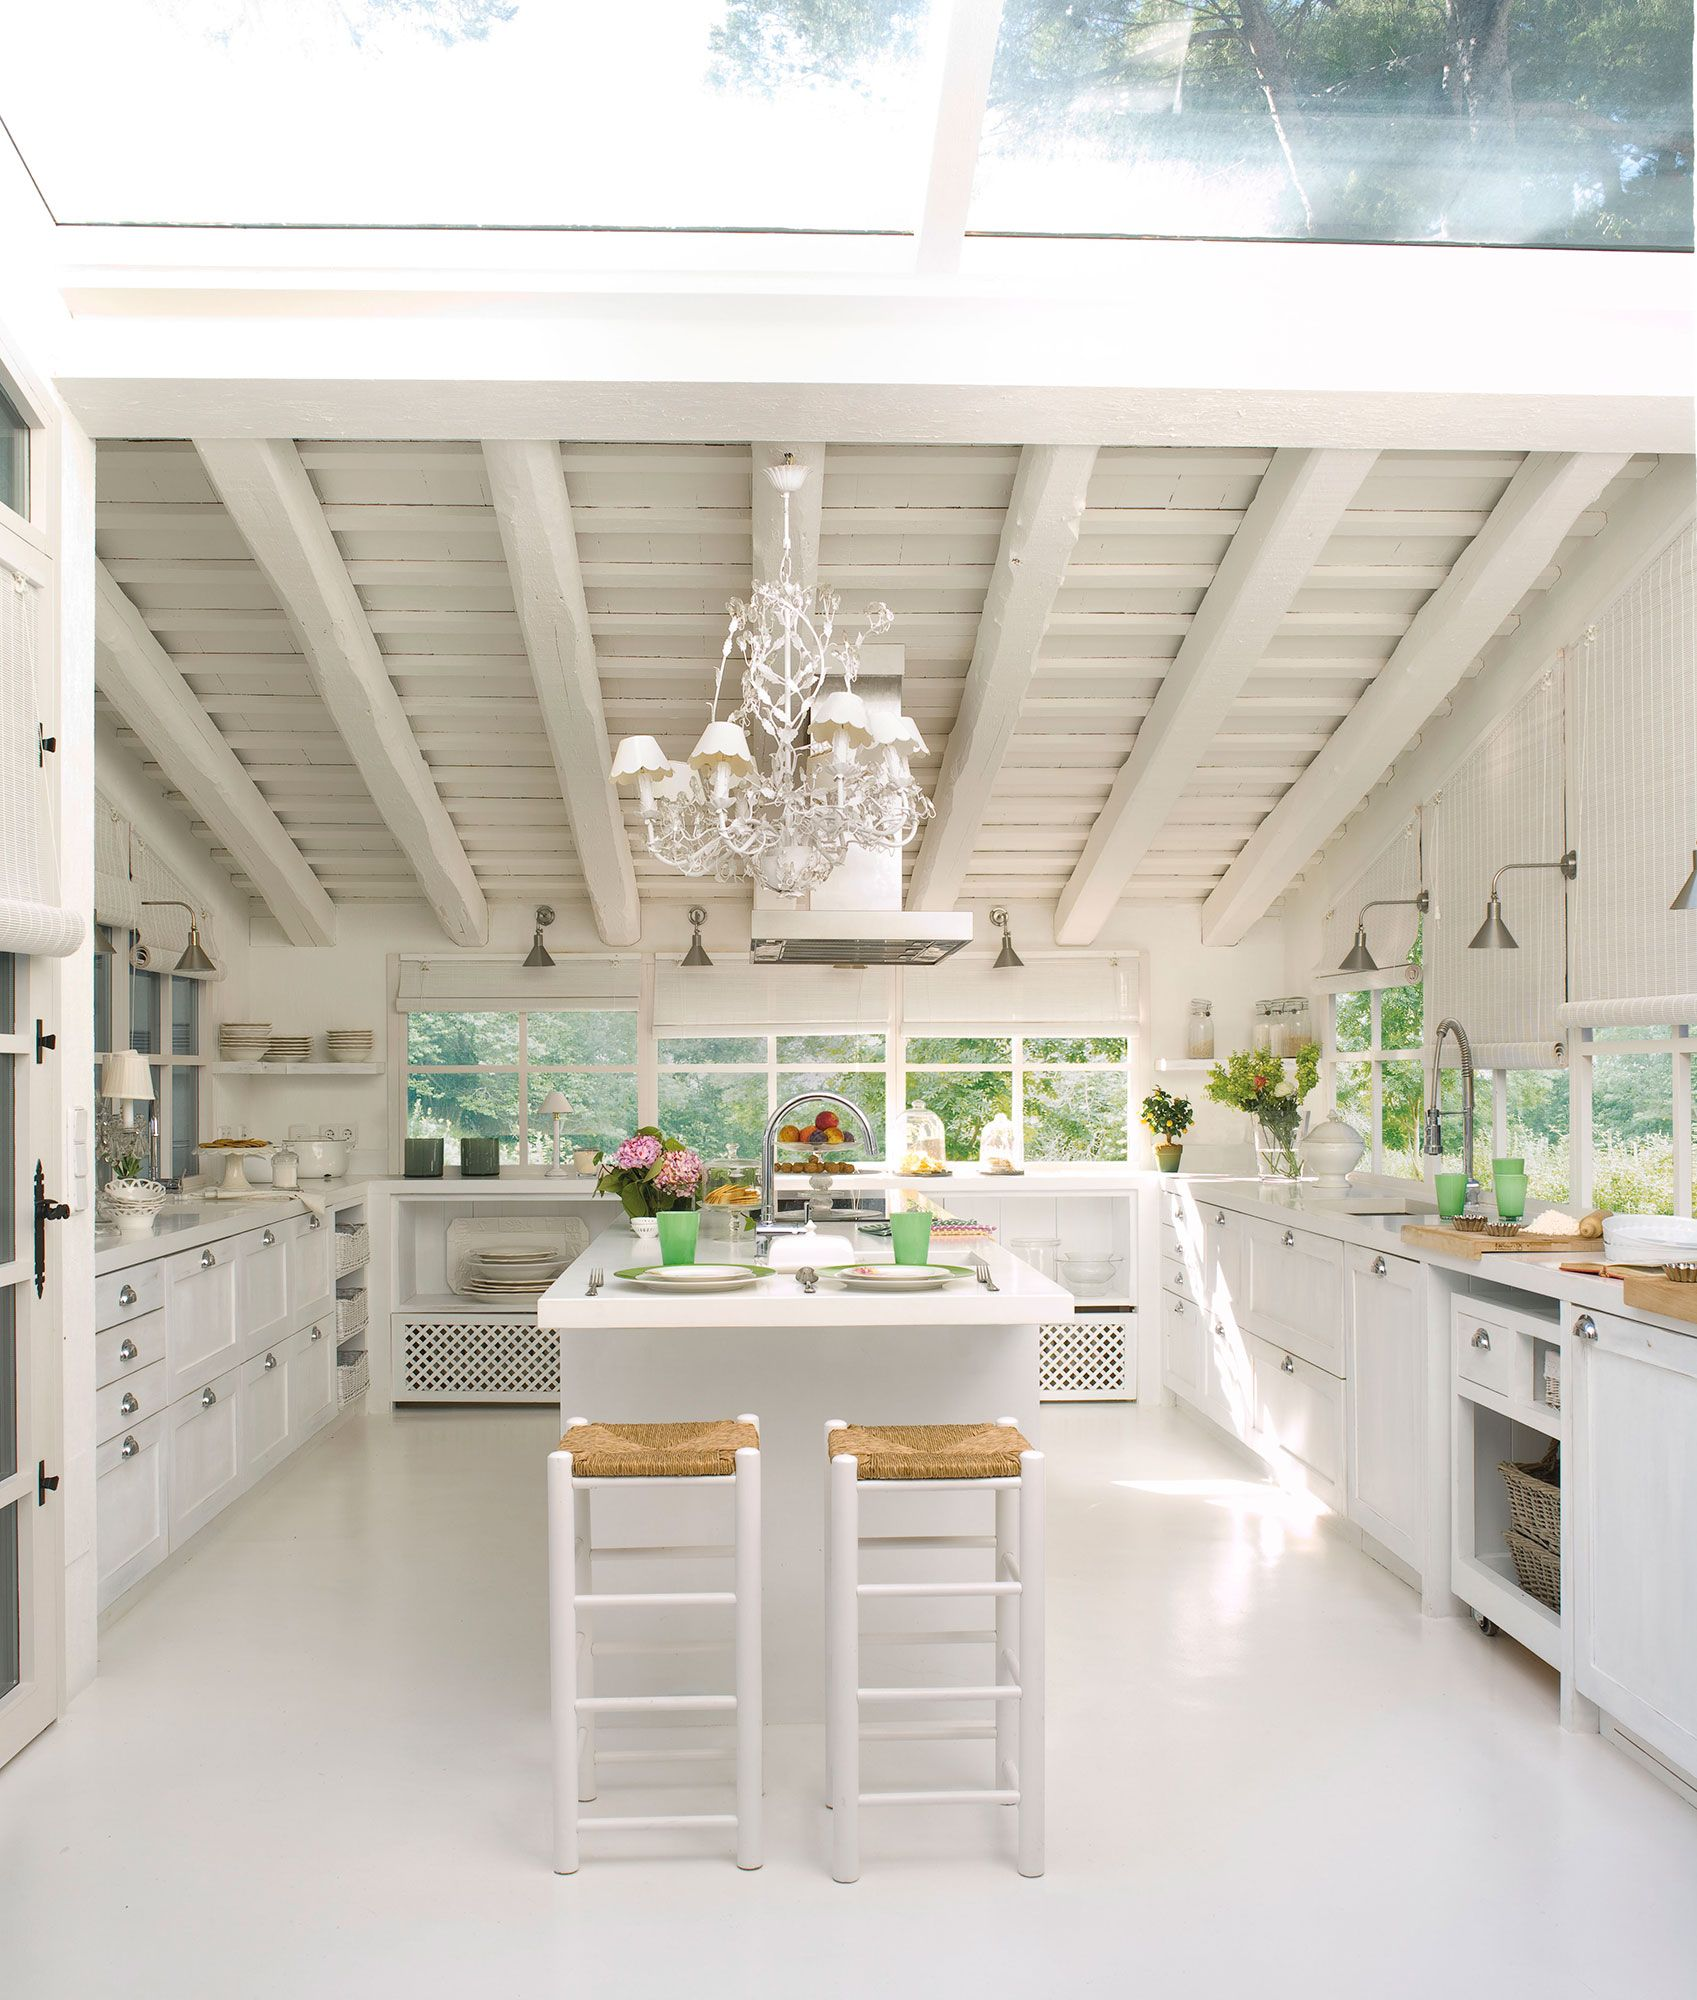 Cocina blanca con office y encimera de acero inoxidable | Estilo ...